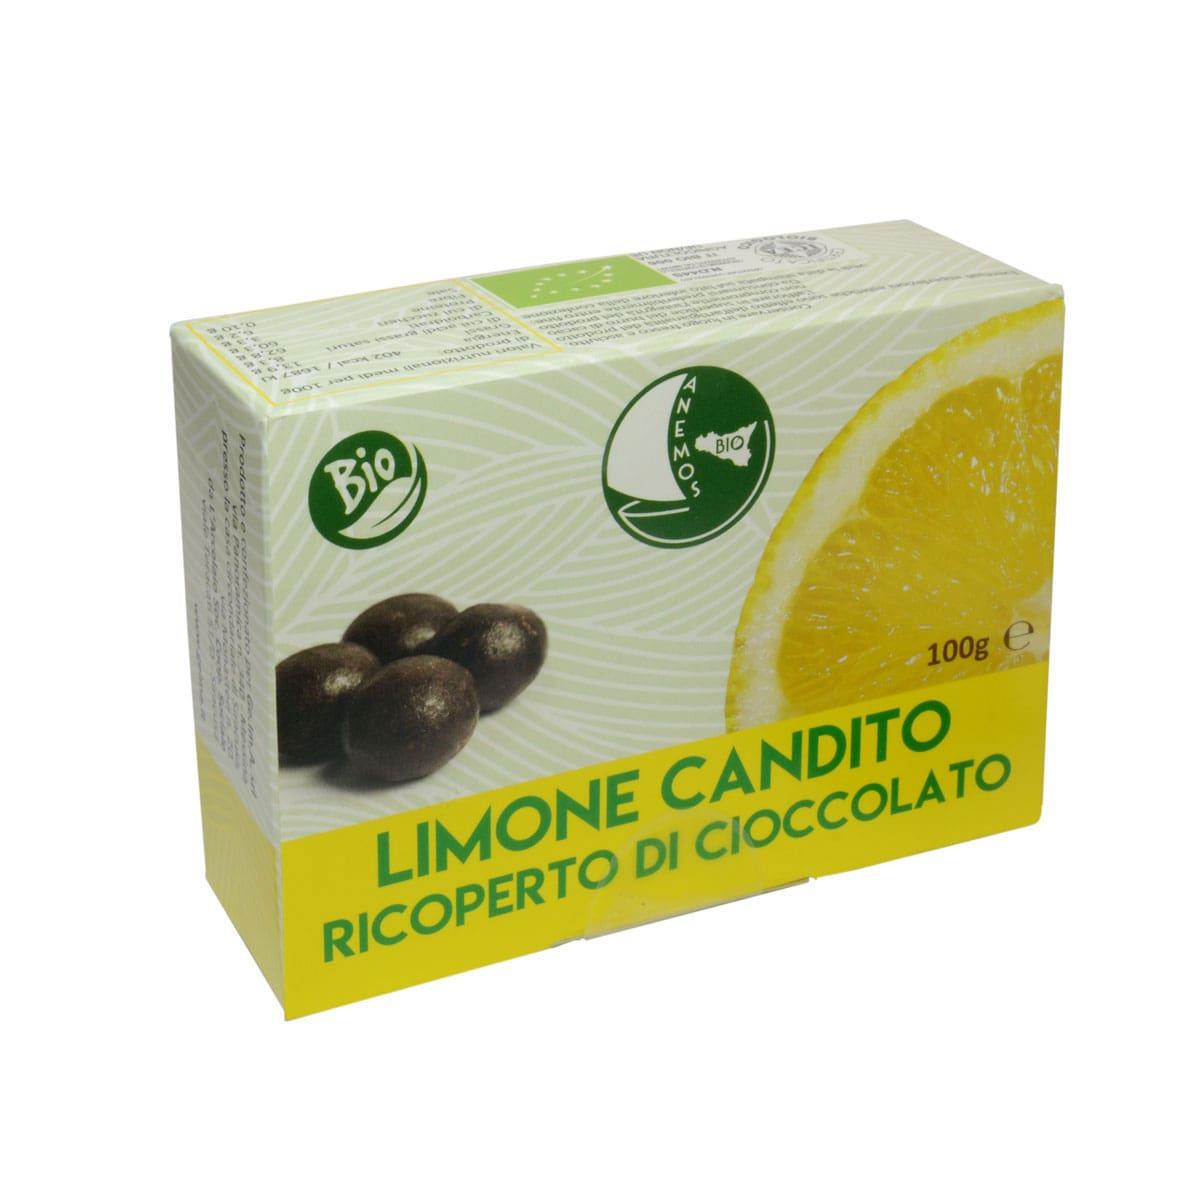 Limone Candito Ricoperto di Cioccolato Bio